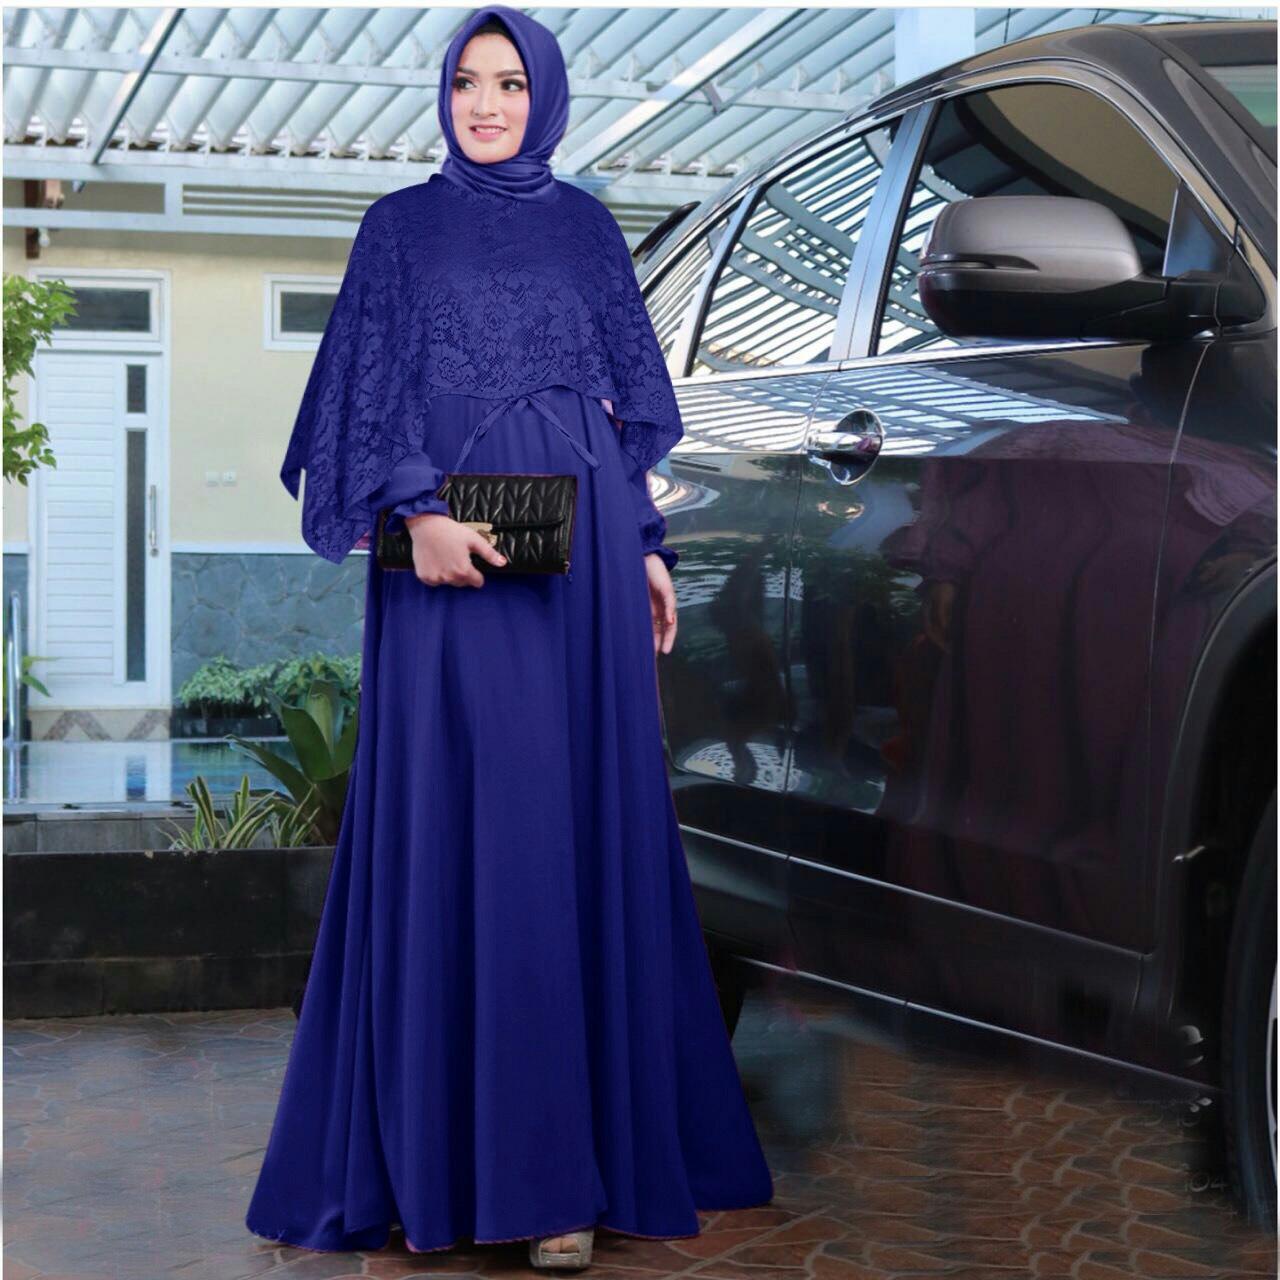 Liliana Baju Gamis Fashion    Terbaru Wanita